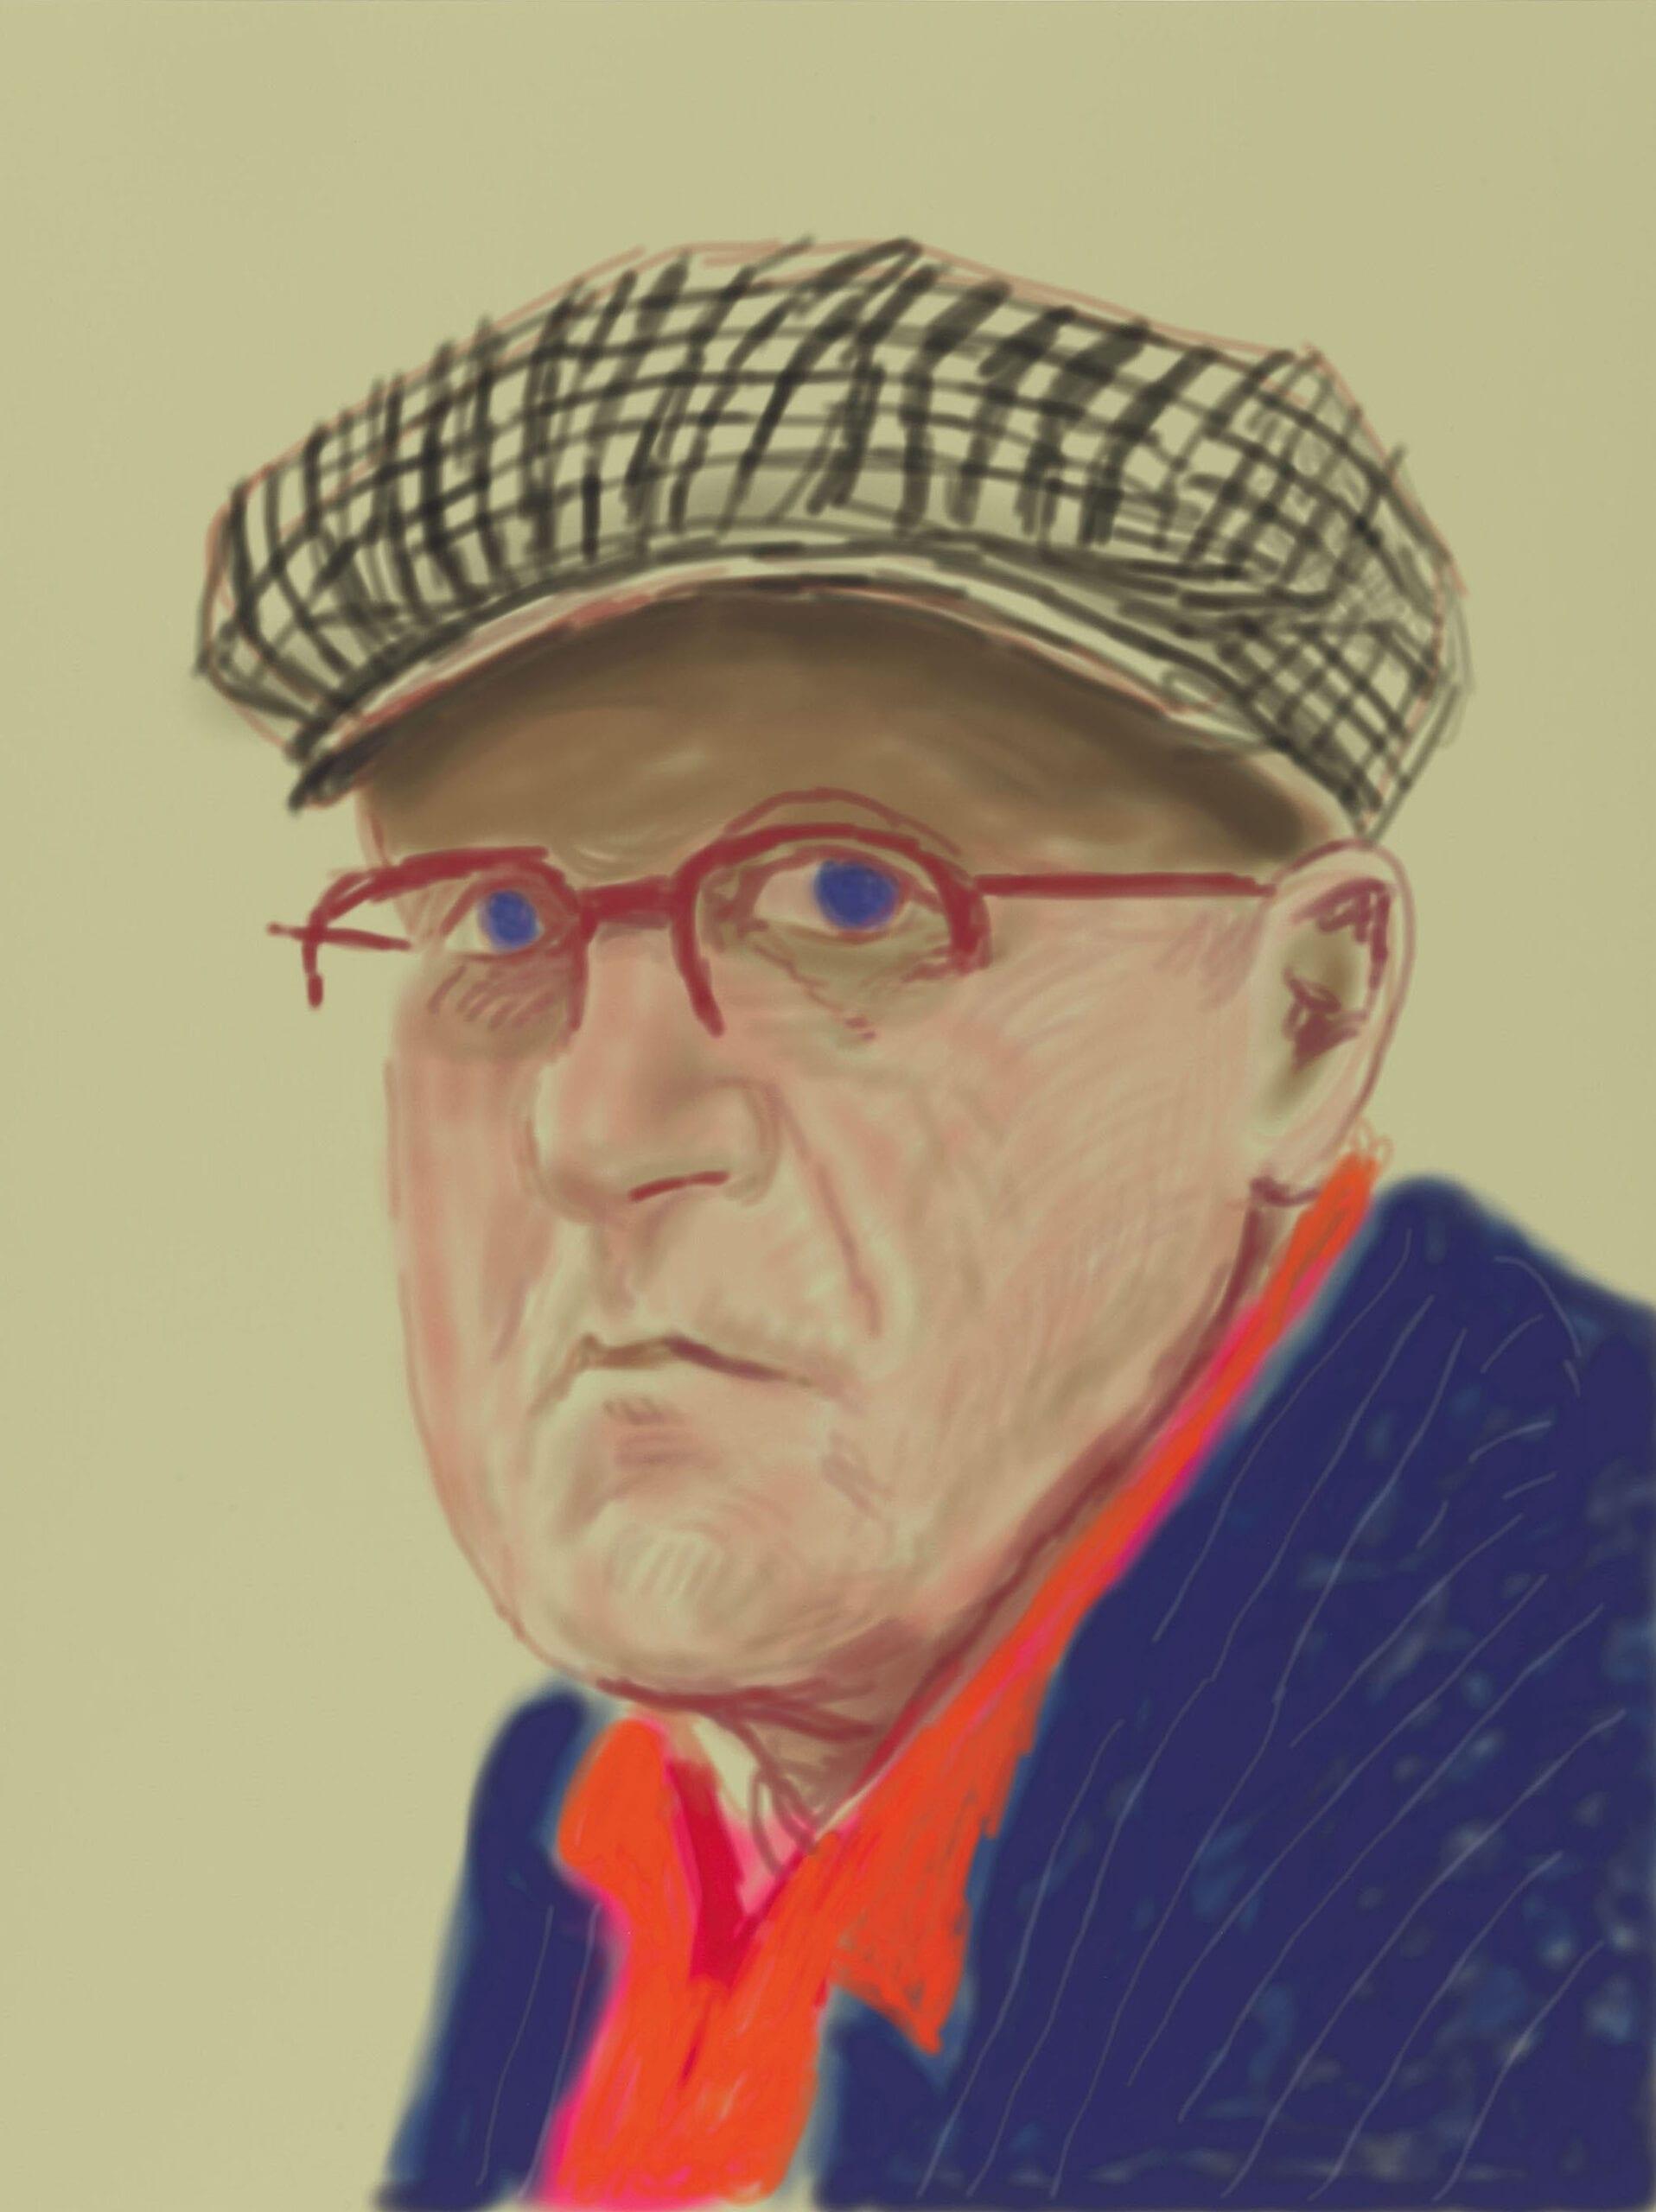 Главный портретист-бунтарь XXI века Дэвид Хокни на выставке в Лондоне